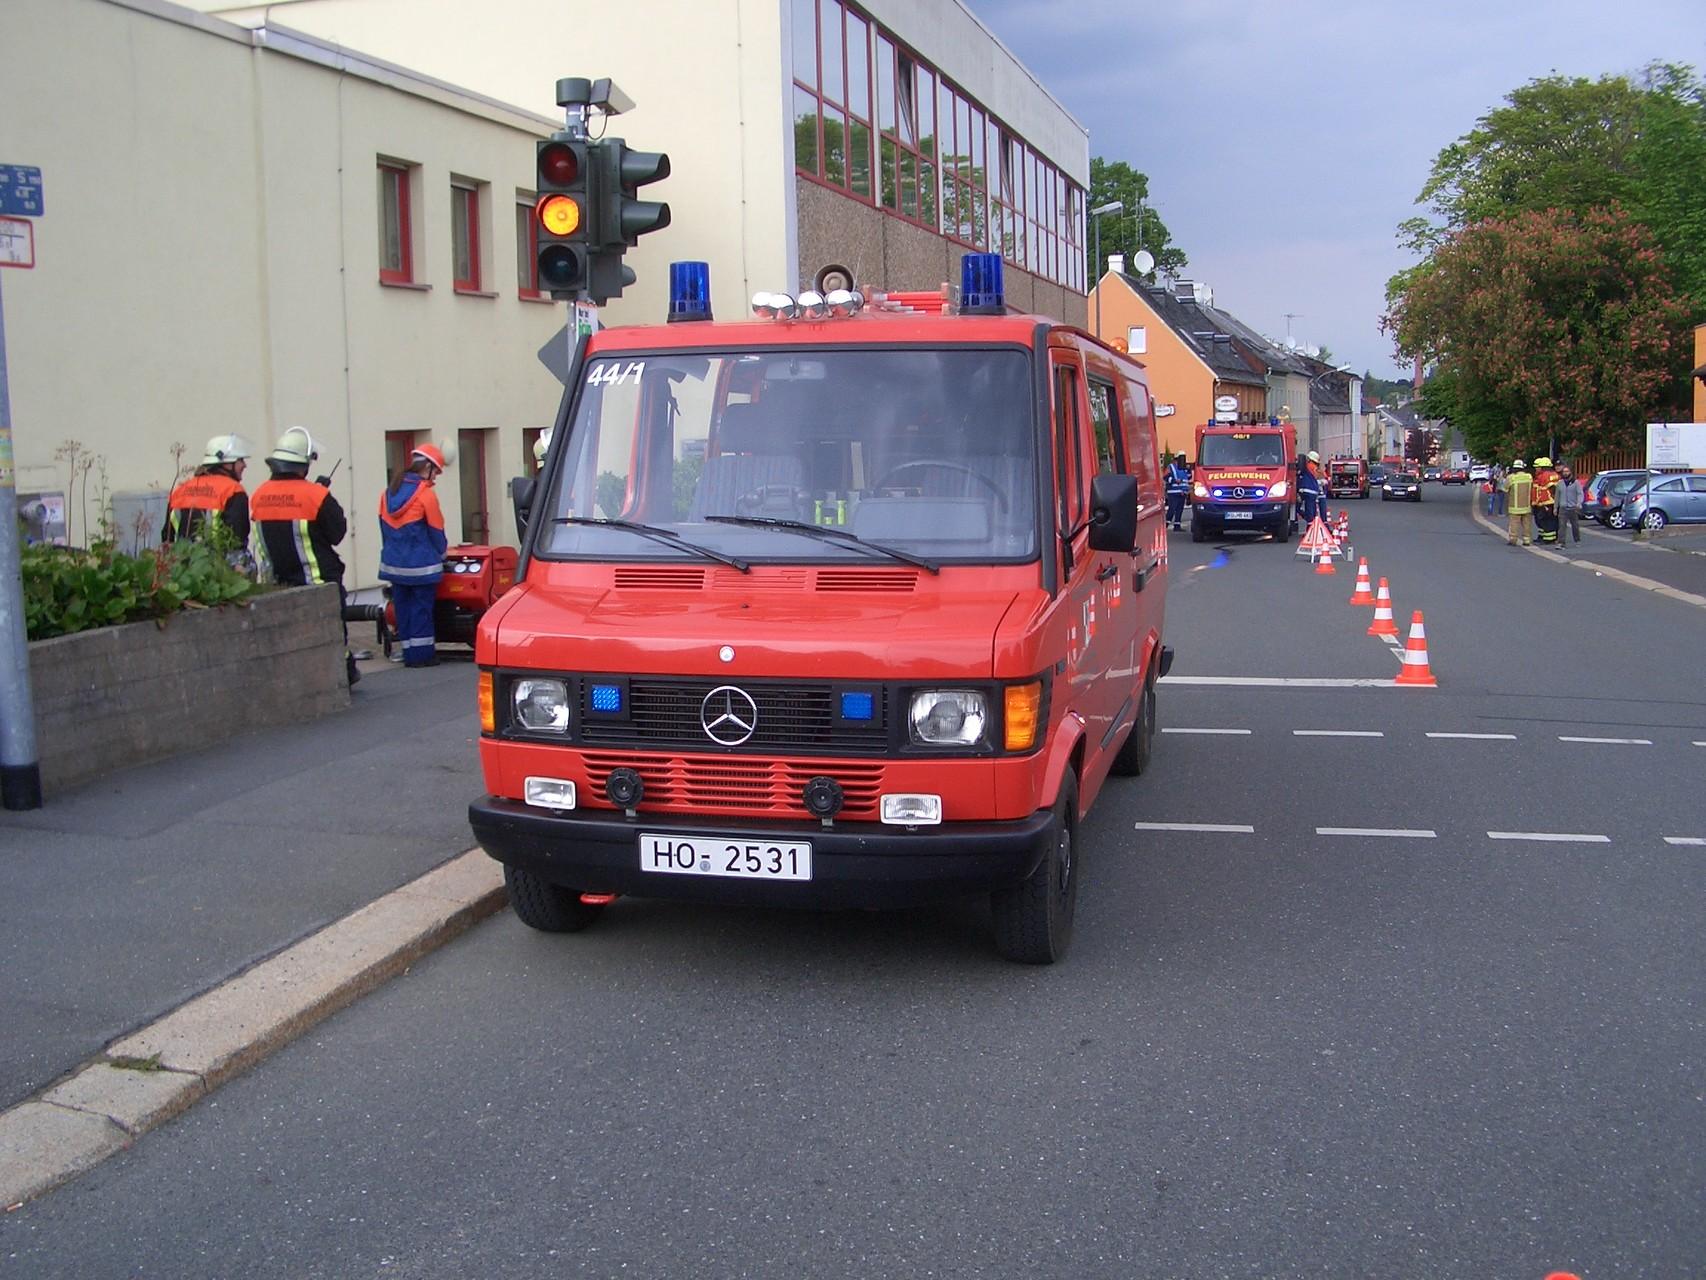 Mercedes 311 TSF: Seit 1992 ist dies unser treues Einsatzfahrzeug. Für die Einsätze und Mannschaftsstärke ausreichend leistet es bisher problemlos seinen Dienst.